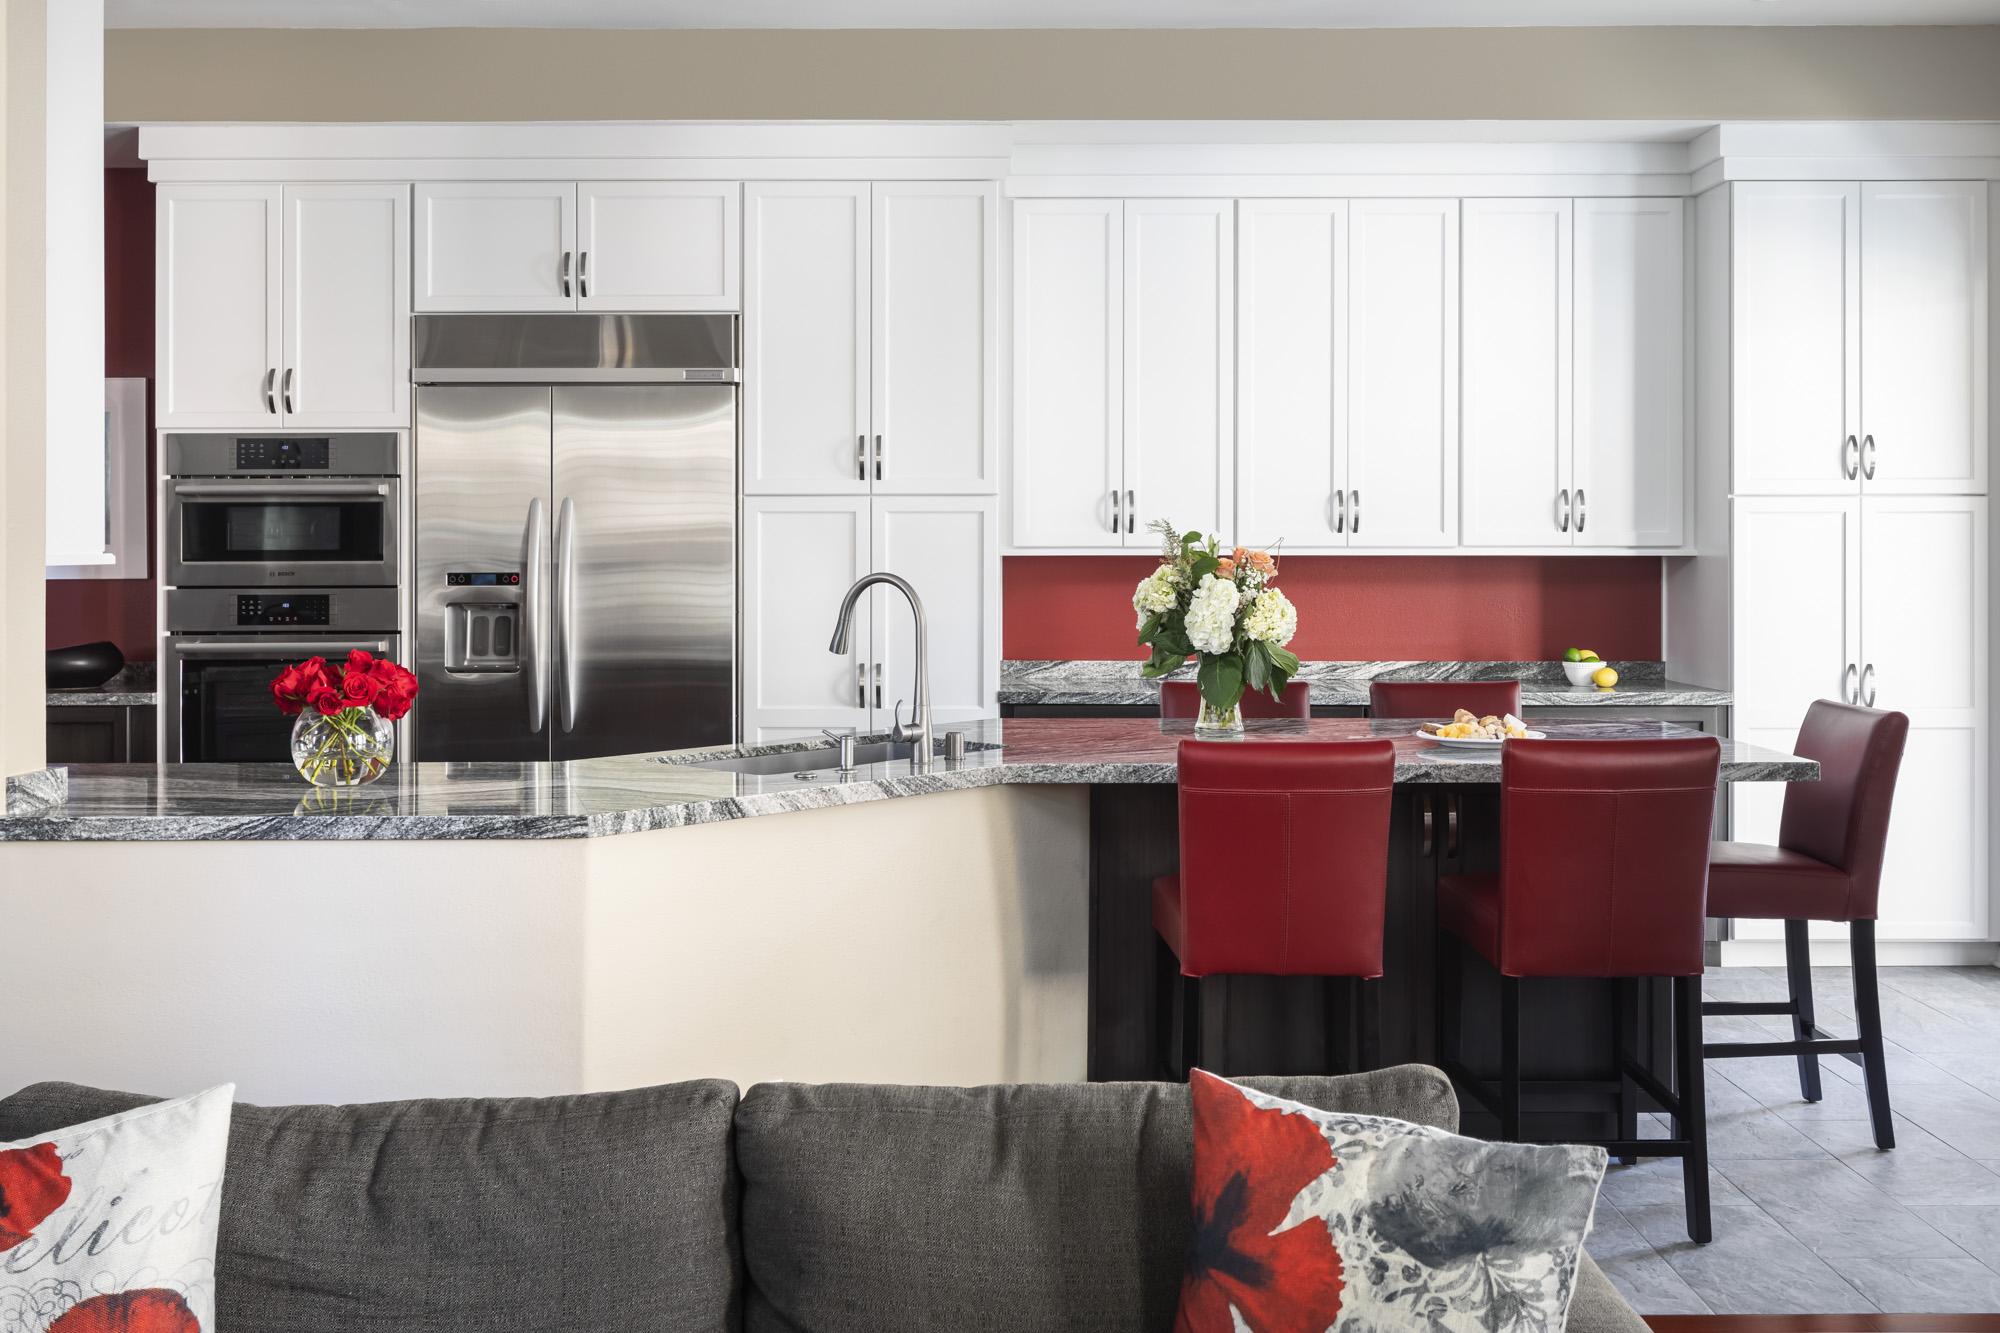 Tustin kitchen makeover brightens